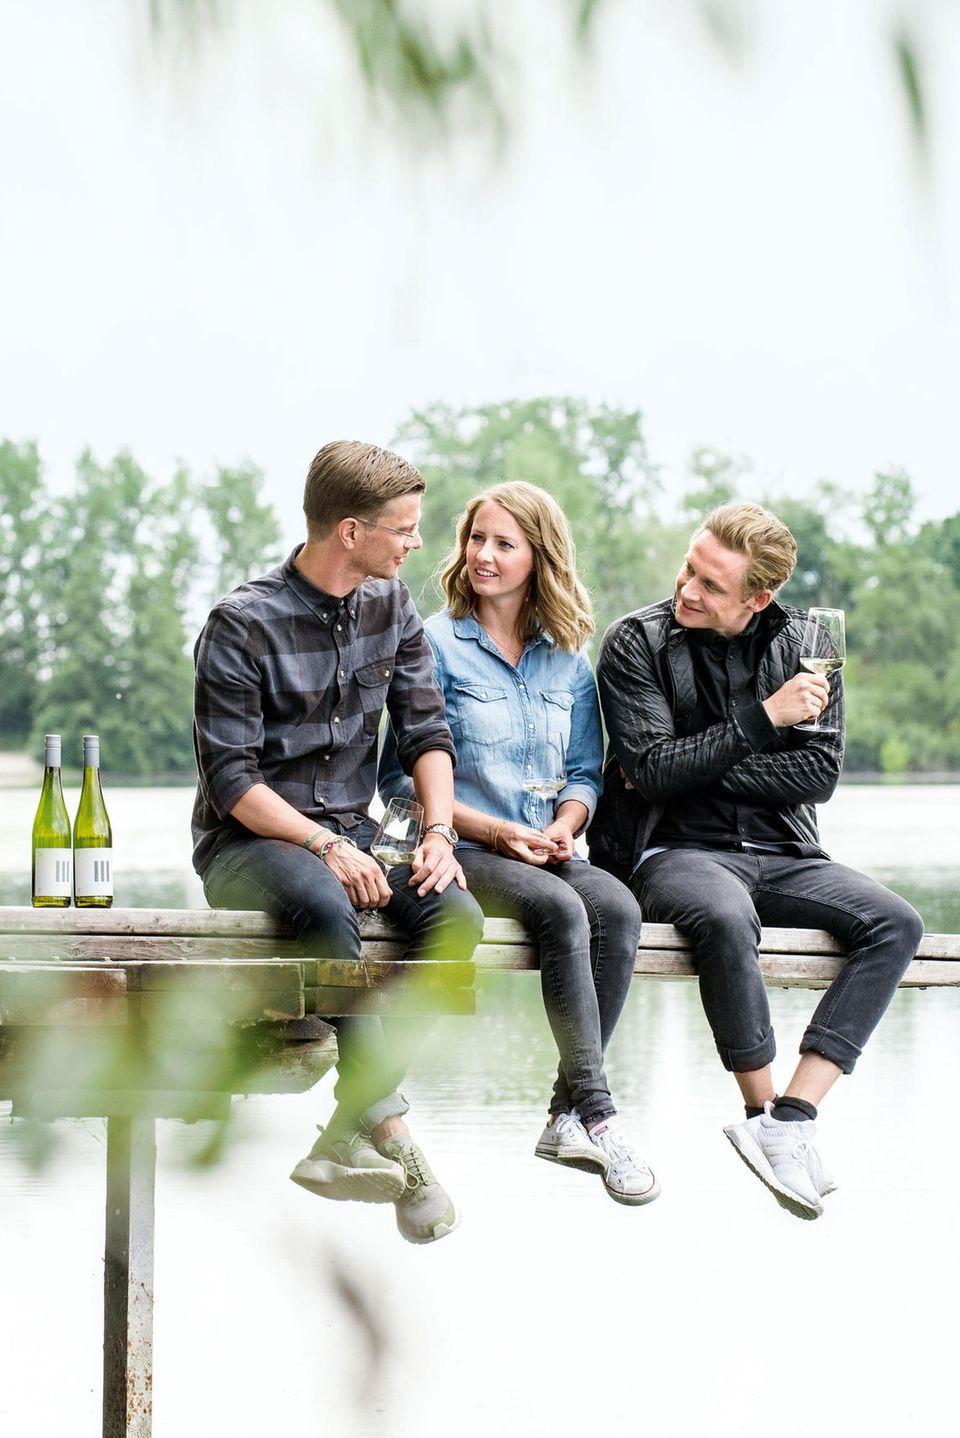 Joko Winterscheidt, Juliane Eller, Matthias Schweighöfer